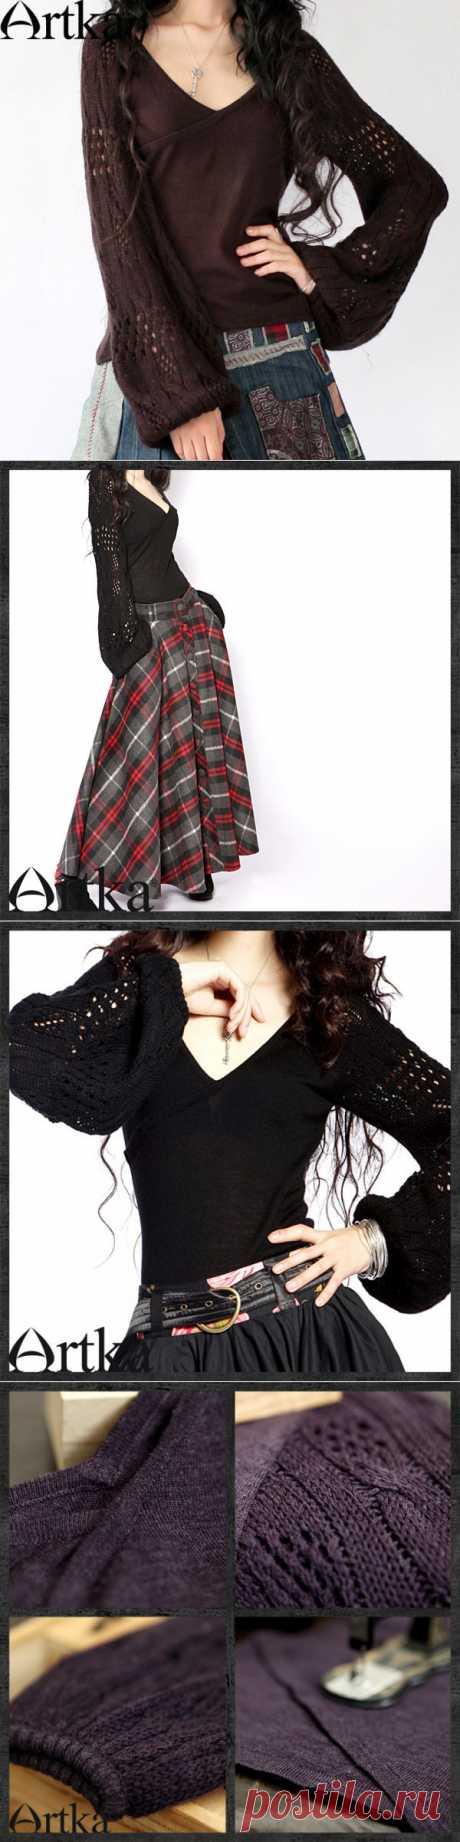 Пуловер с ажурными рукавами-фонариками, 12729015865 купить за 6300 руб. с доставкой по России, Украине, Беларуси и миру | Пуловеры | Artka: интернет-магазин обуви и одежды Artka